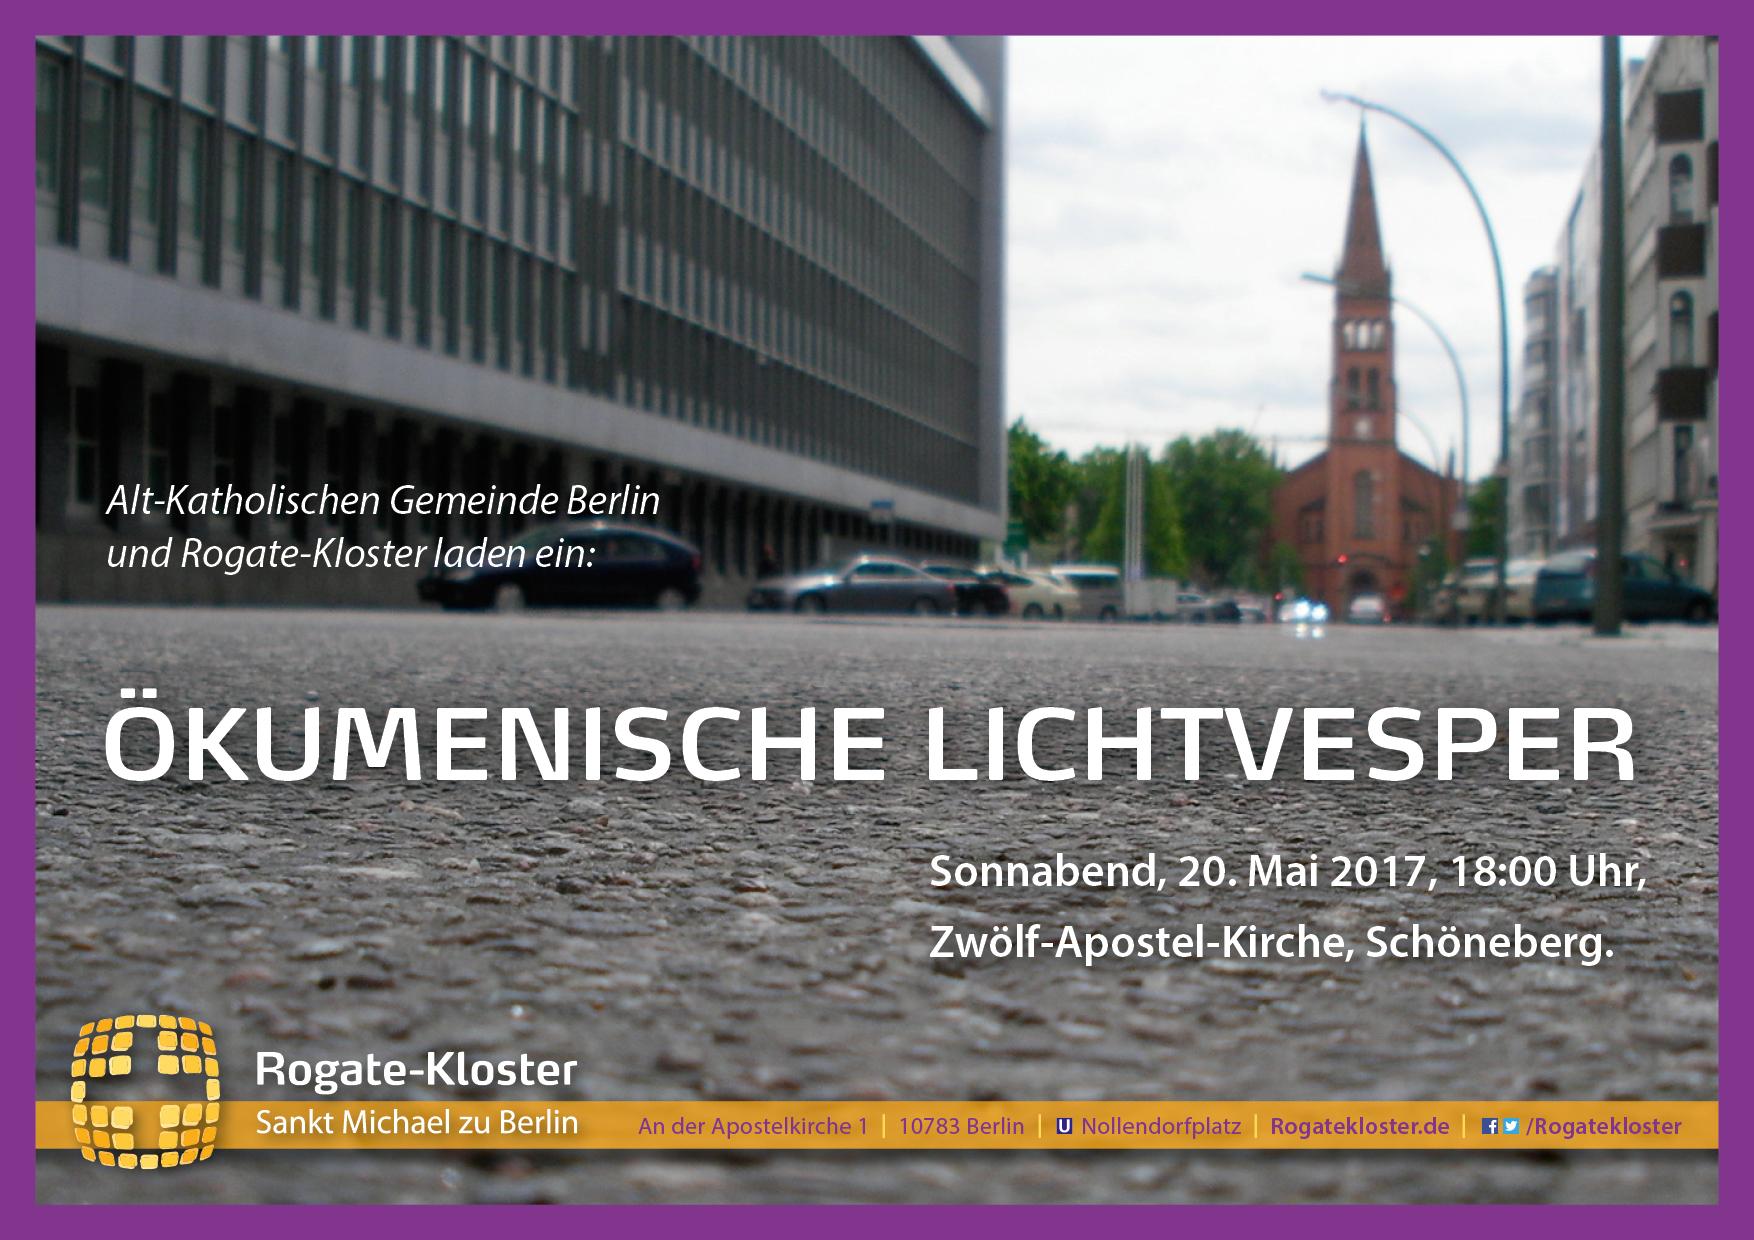 rogatekl_aushang-a4_lichtvesper2017_111116